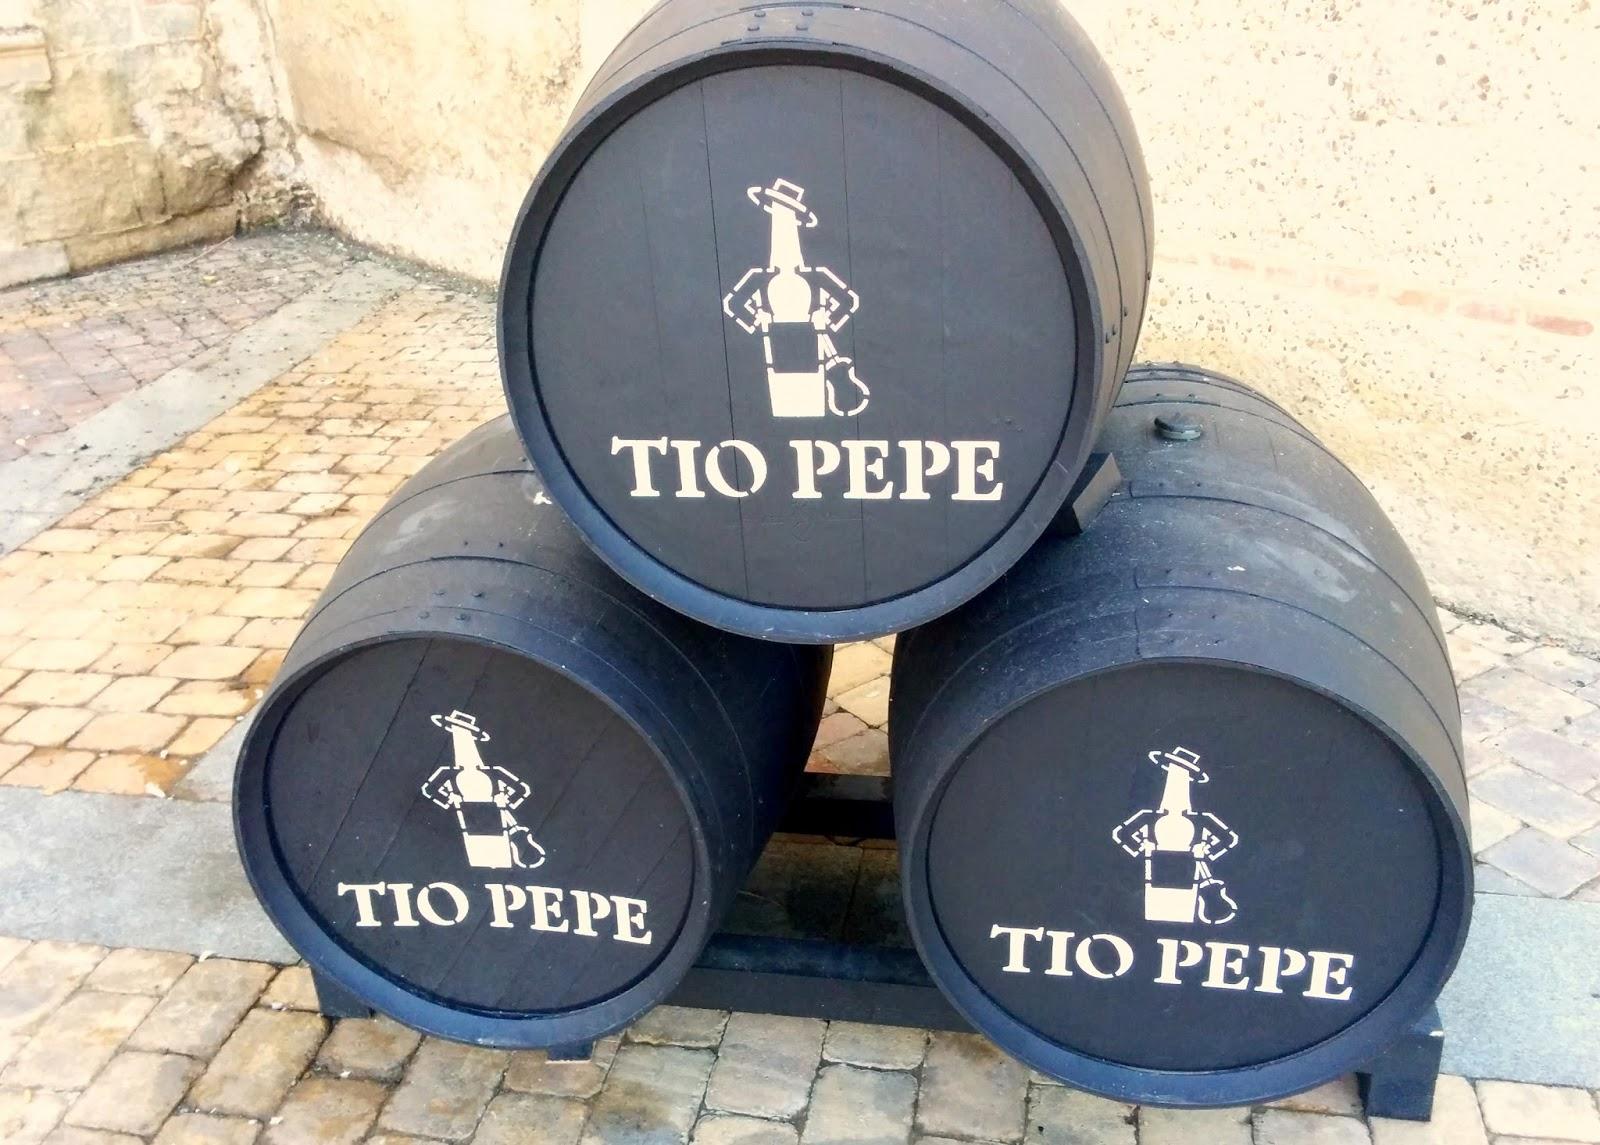 Tio Pepe in Jerez  |  Postcard from Andalucía: Jerez + Carmona  on afeathery*nest  |  http://afeatherynest.com